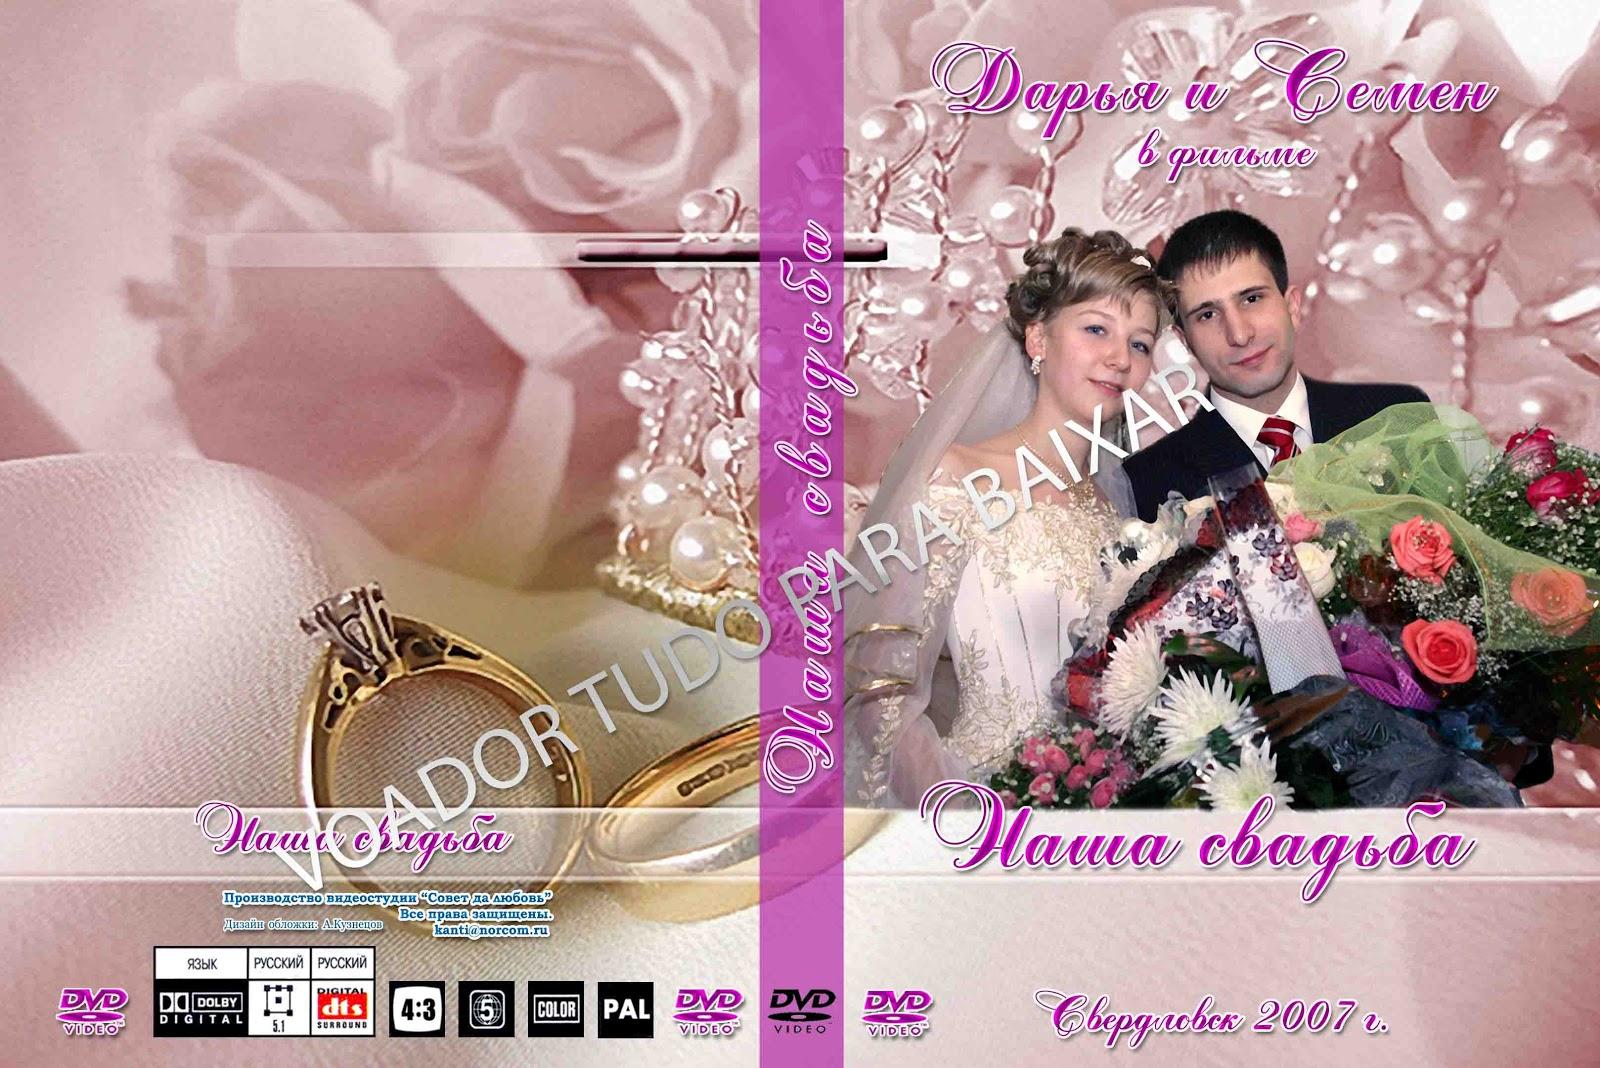 Свадебный салон, интернет магазин 35